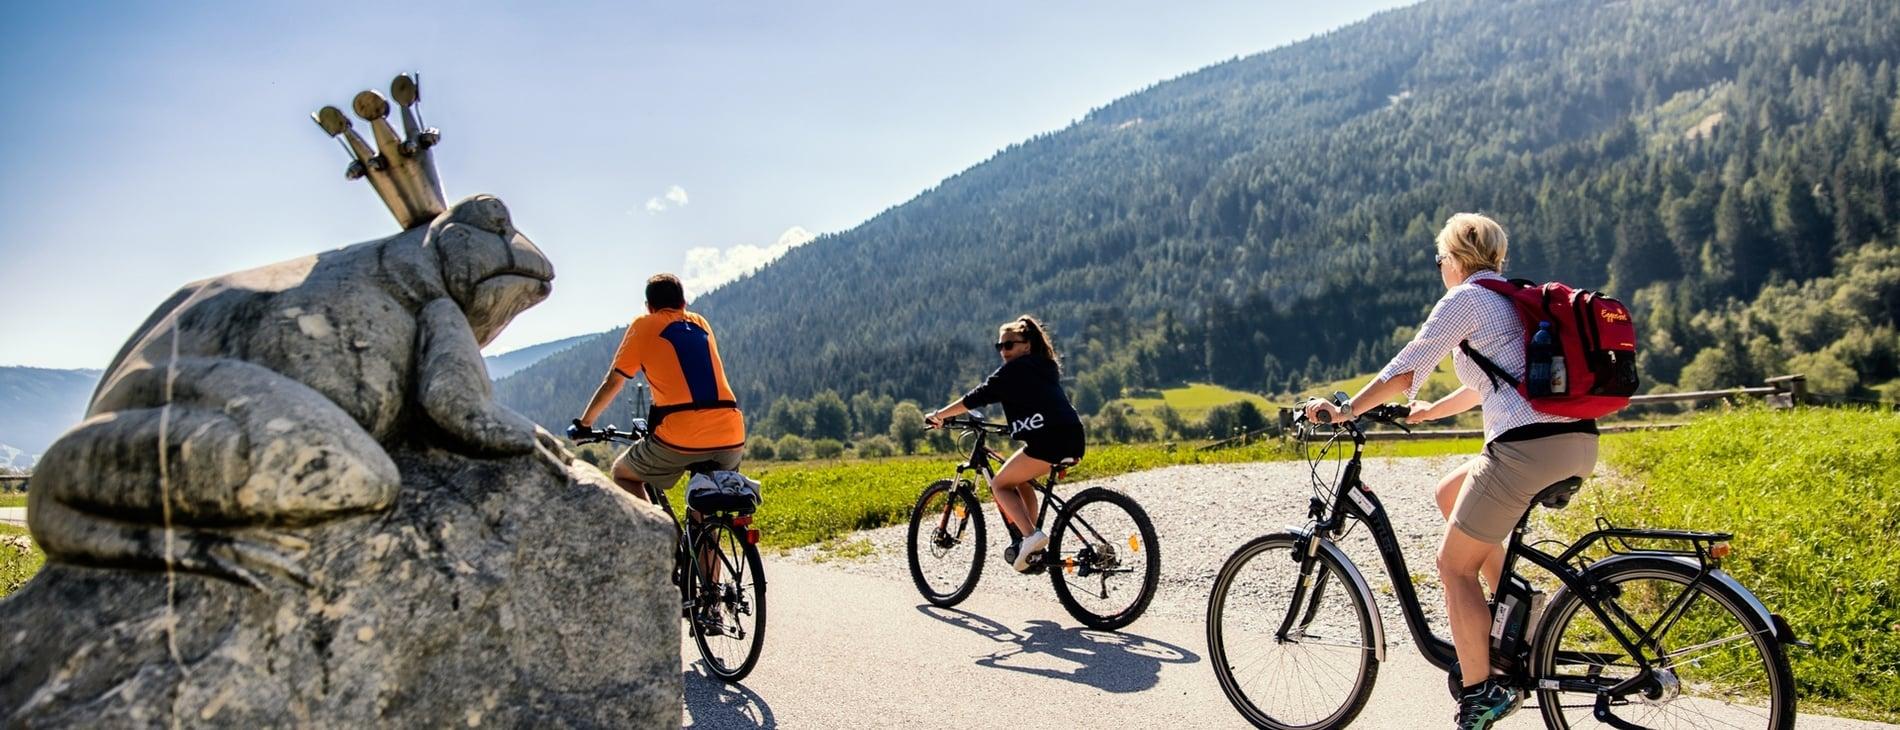 La vostra vacanza in bicicletta in Austria